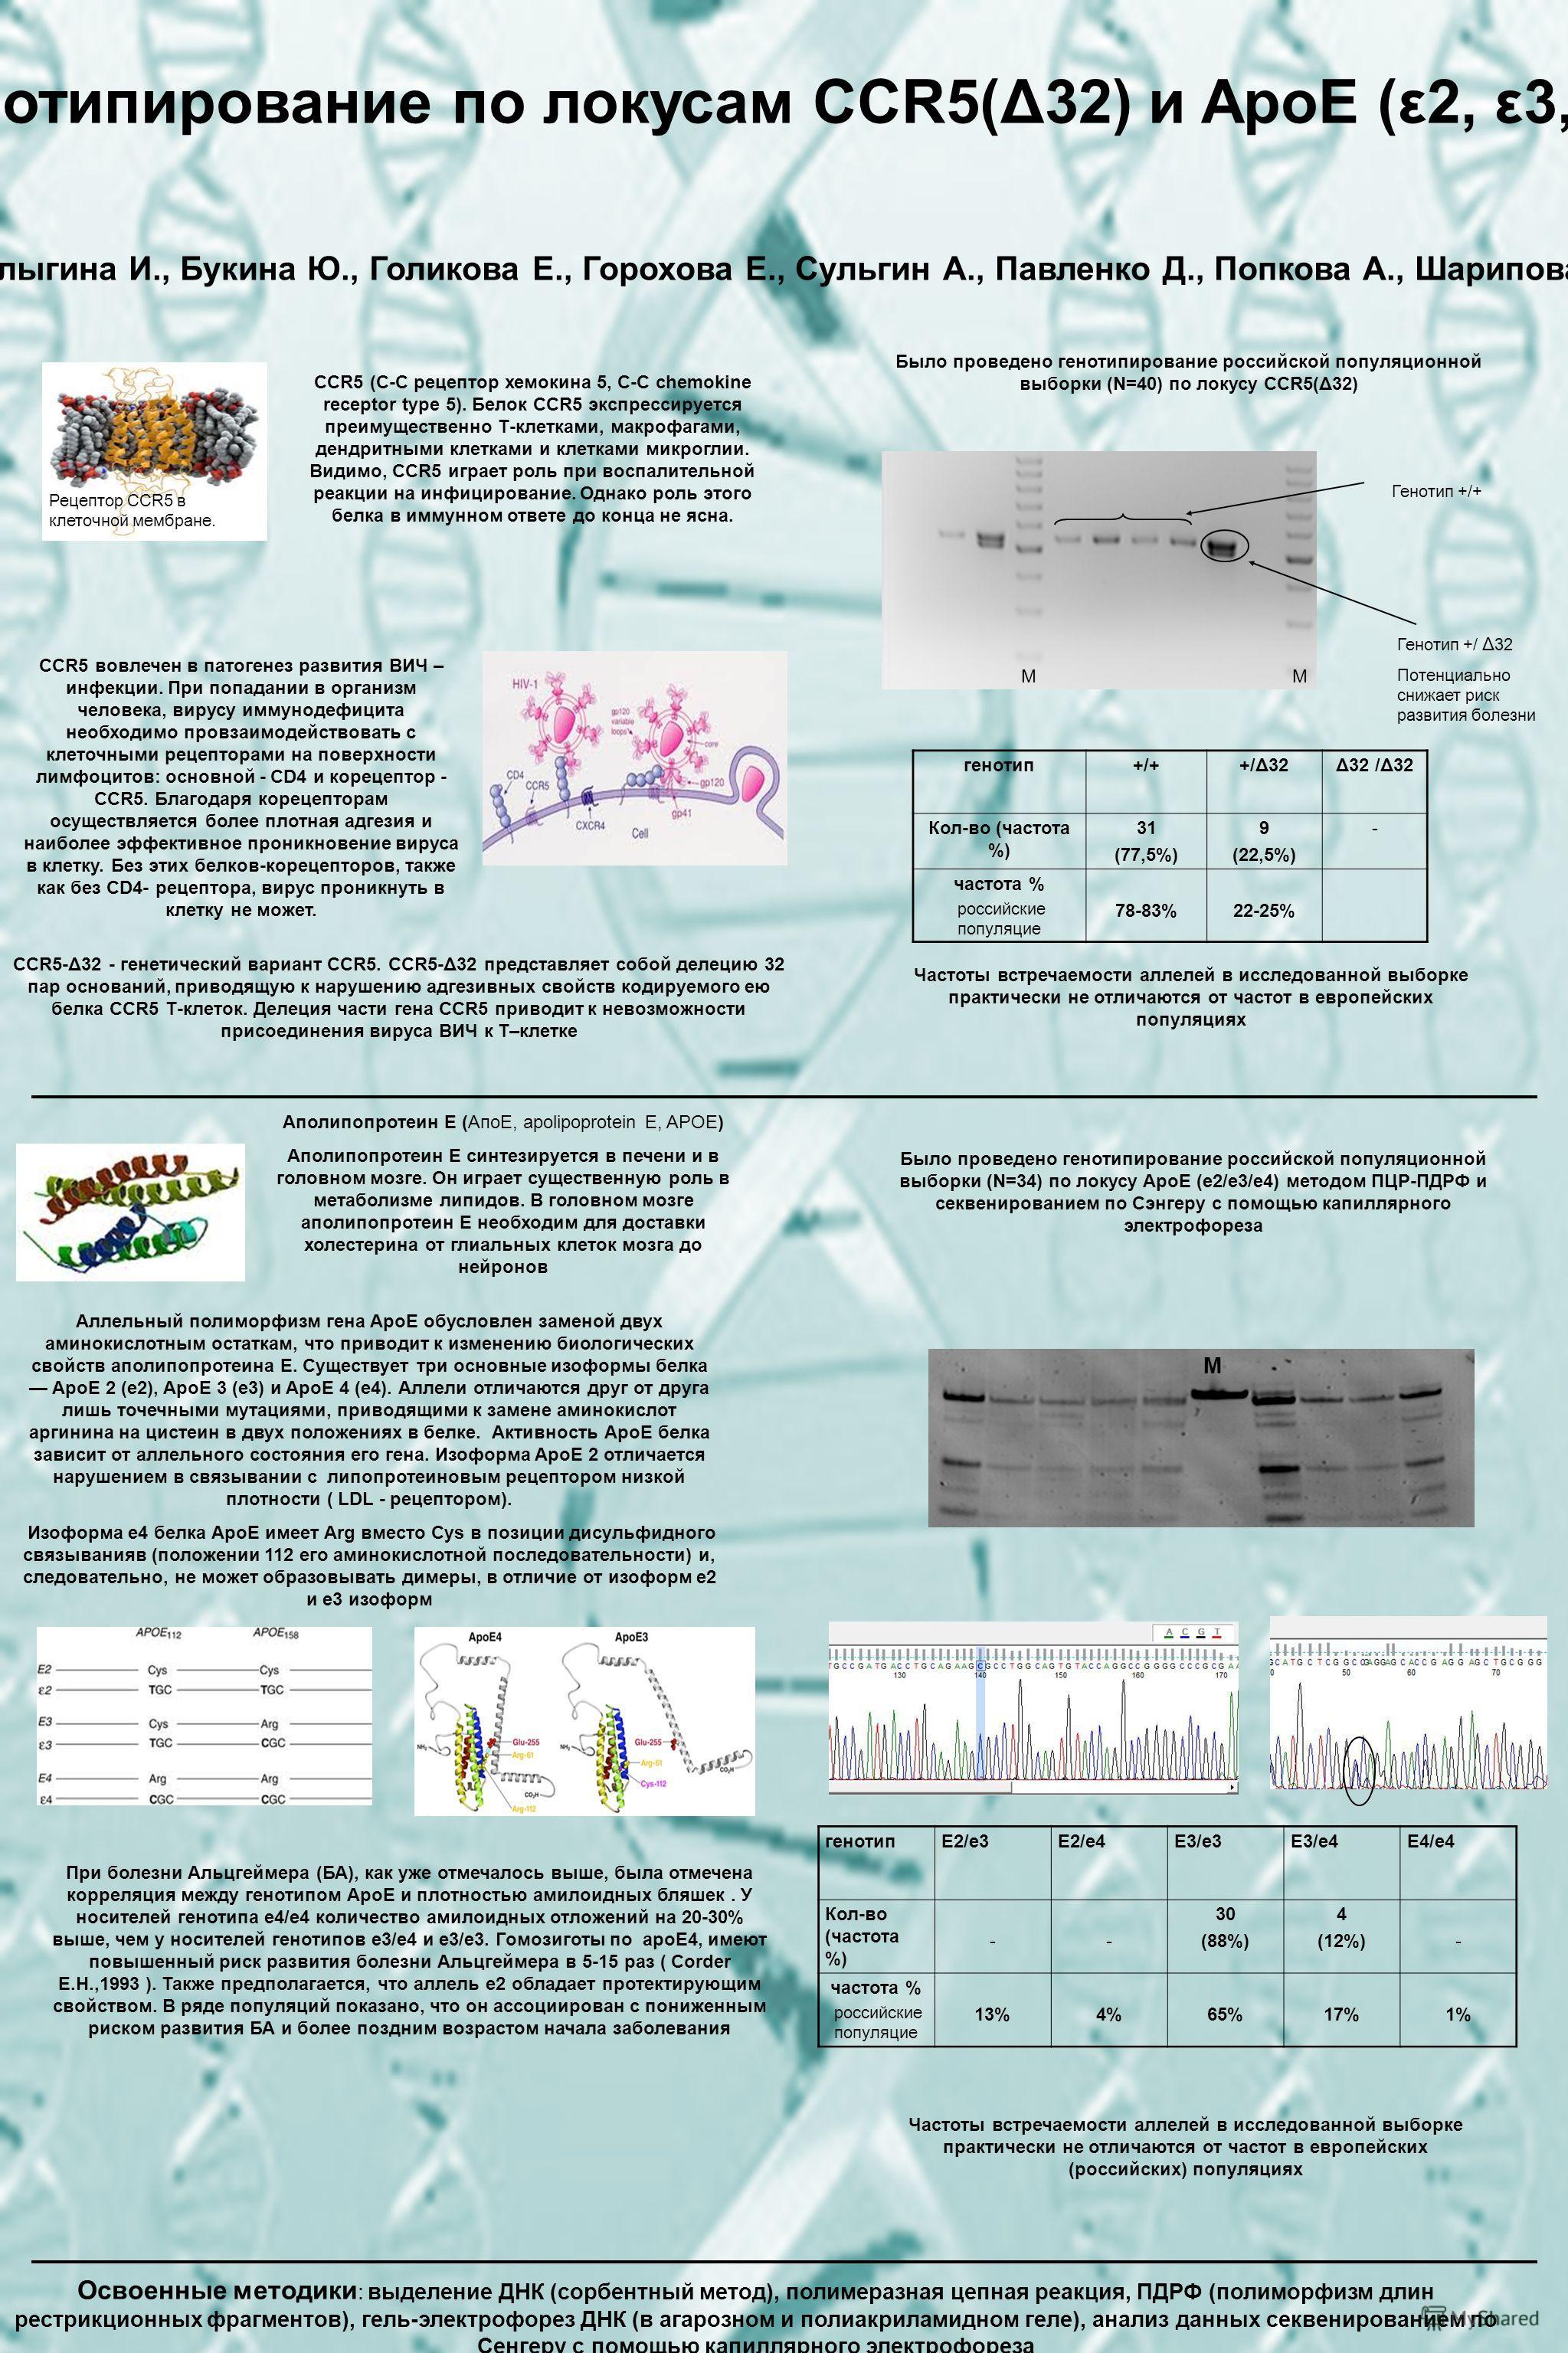 Генотипирование по локусам CCR5(Δ32) и ApoE (ε2, ε3, ε4) Балыгина И., Букина Ю., Голикова Е., Горохова Е., Сульгин А., Павленко Д., Попкова А., Шарипова Р. Рецептор CCR5 в клеточной мембране. CCR5 (C-C рецептор хемокина 5, C-C chemokine receptor type